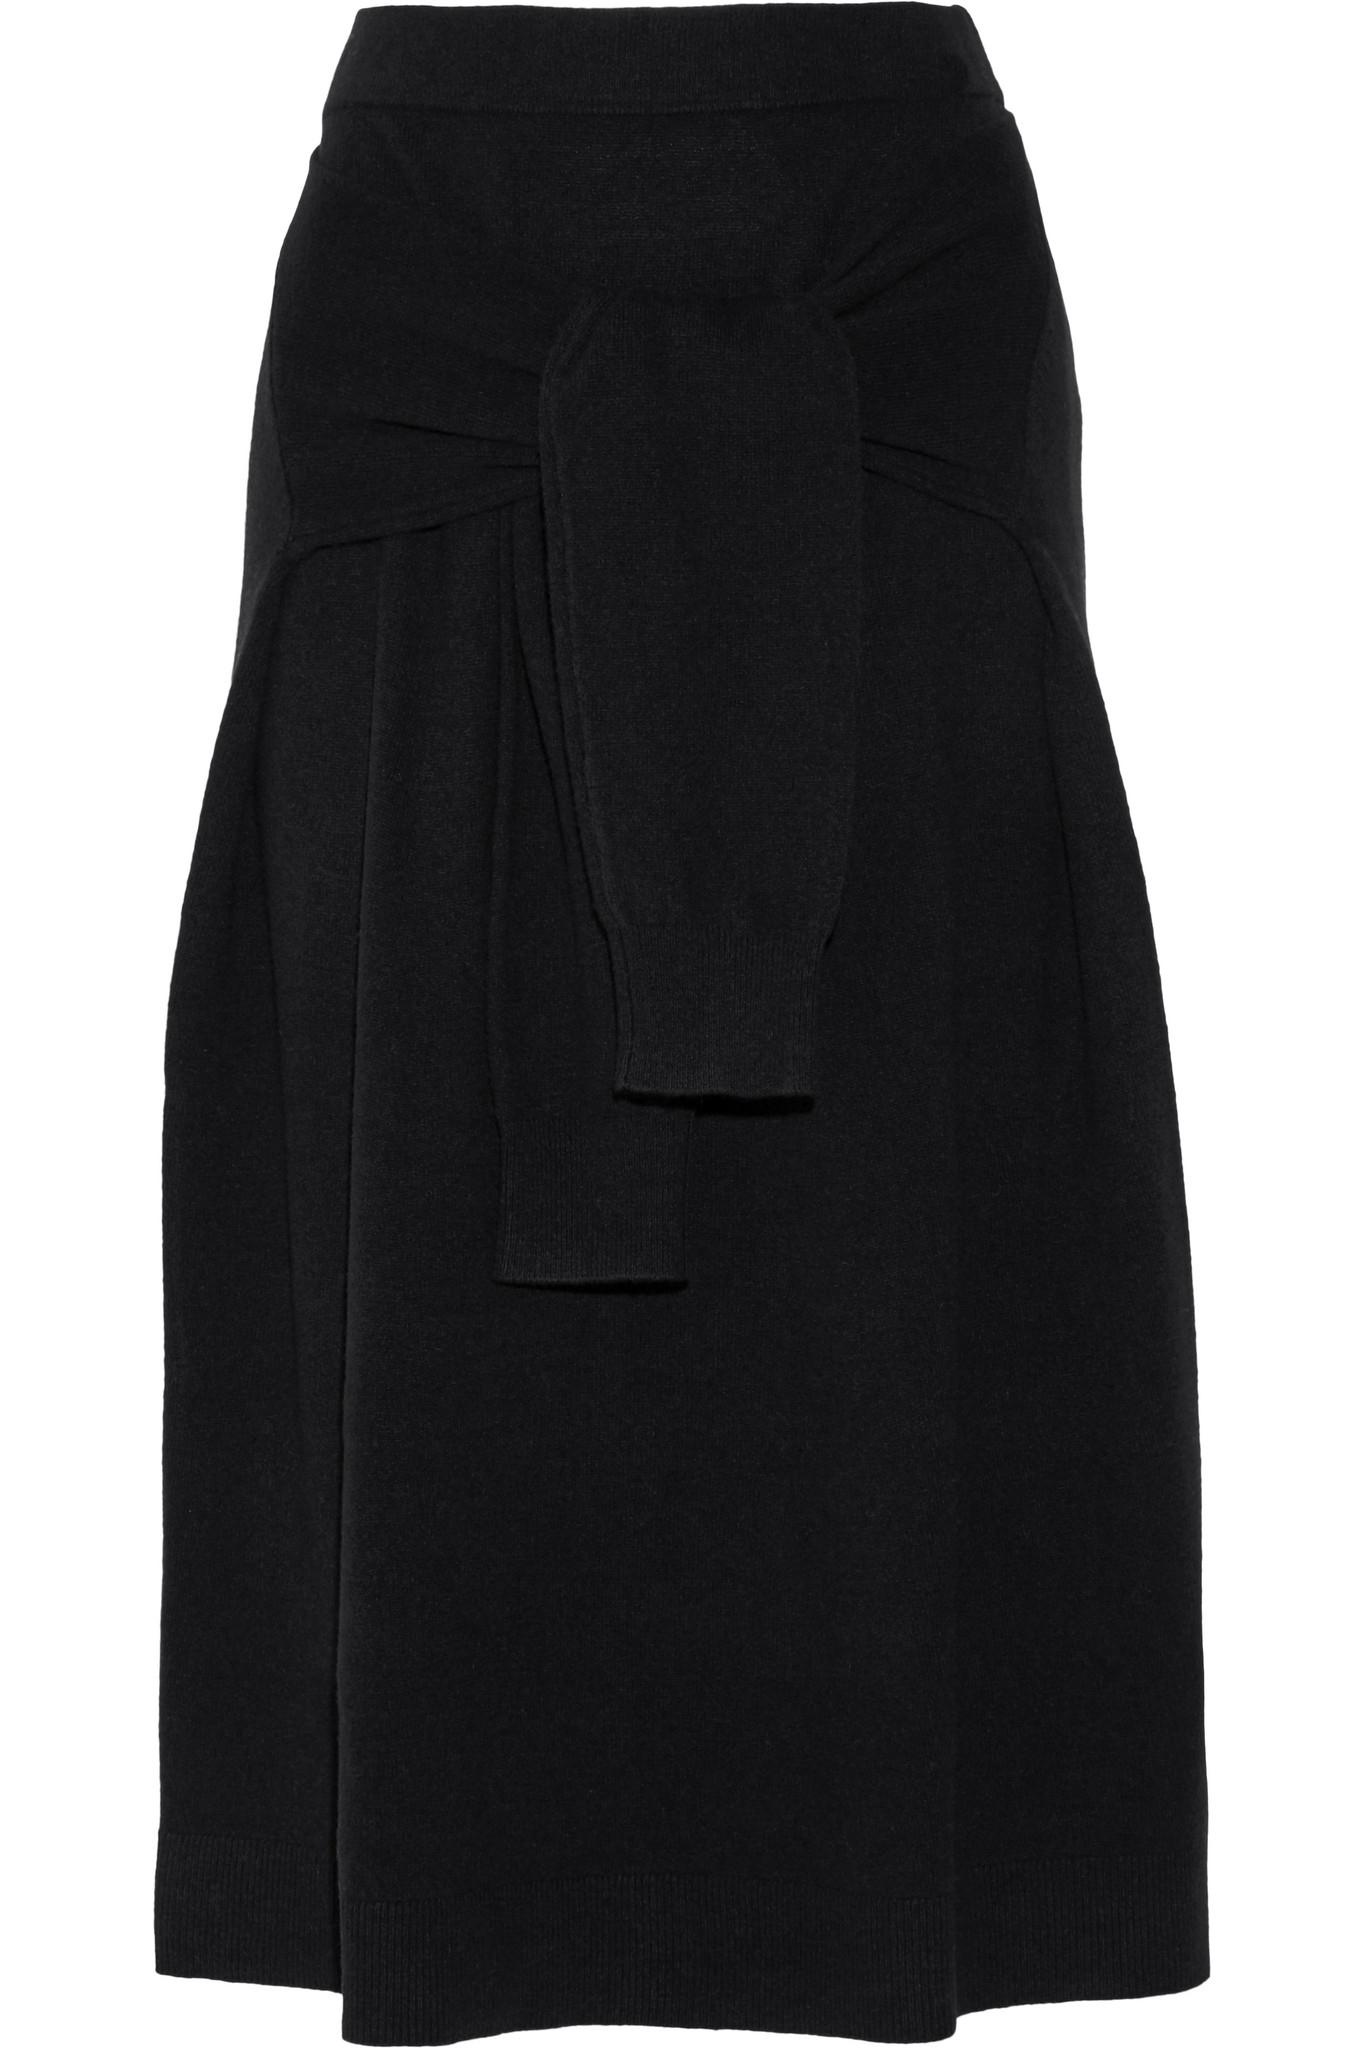 Joseph Knot Wool Midi Skirt in Black | Lyst